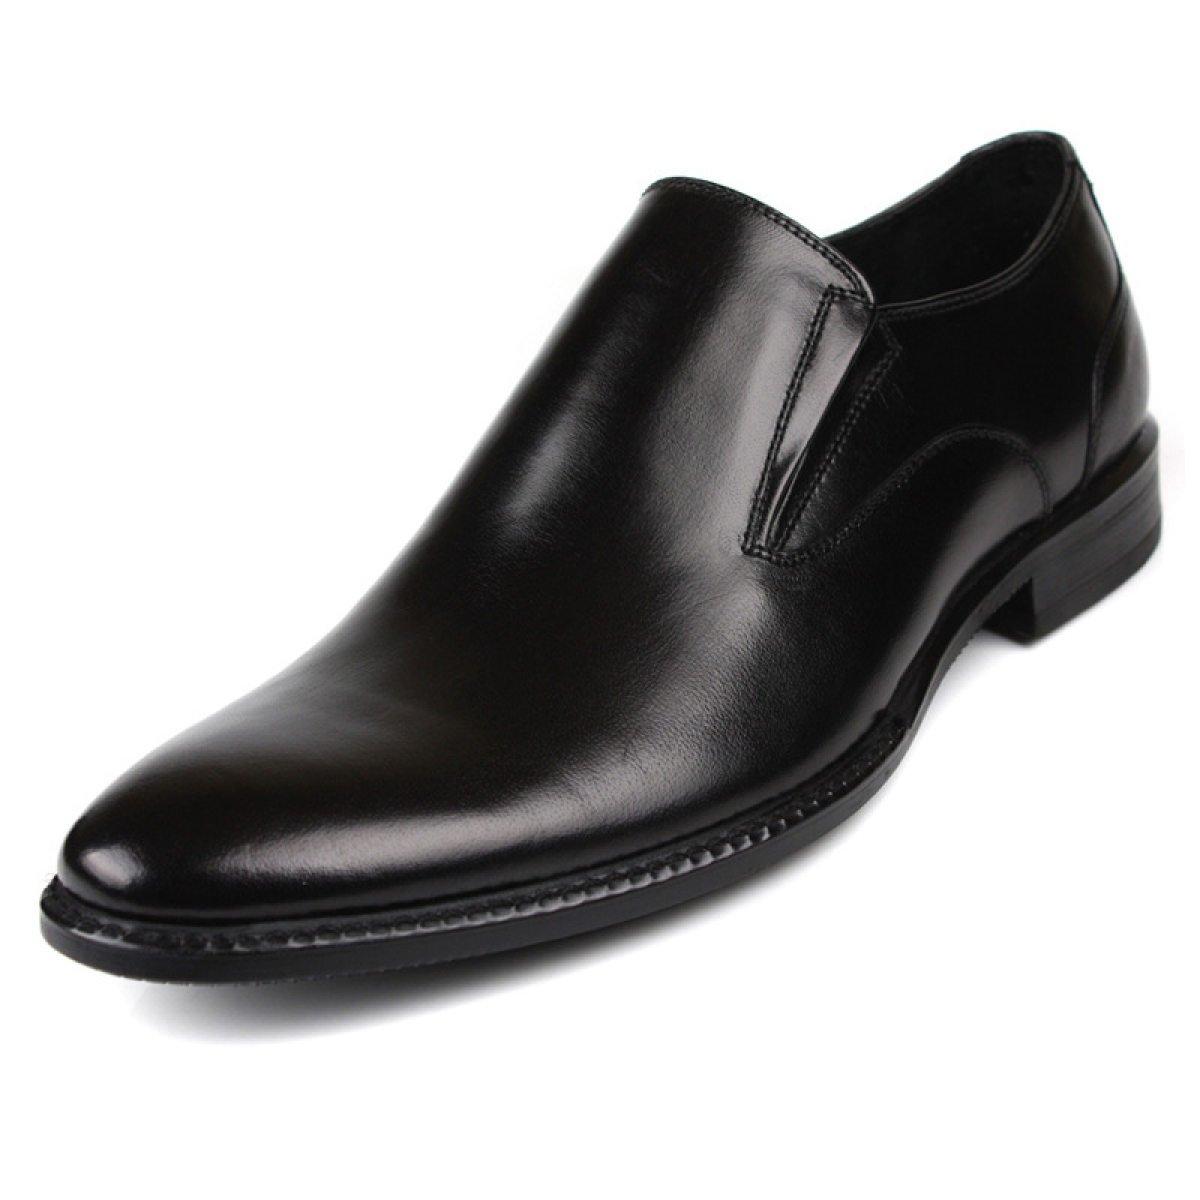 Männer England Schuhe Herrenschuhe Sätze Von Füßen Leder Kleid Geschäft Herrenschuhe Schuhe Hochzeitsschuhe schwarz cee135